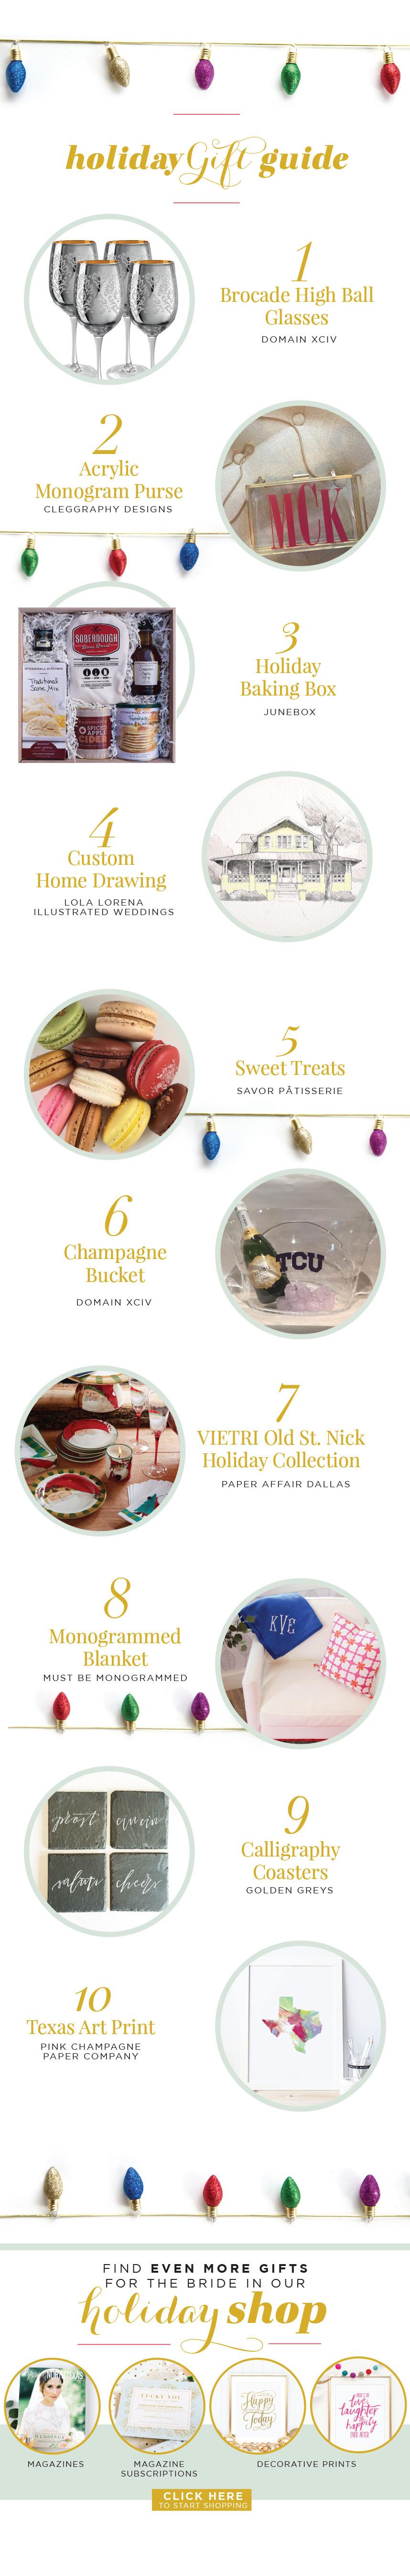 holidaygiftguide_blog_2017_bont